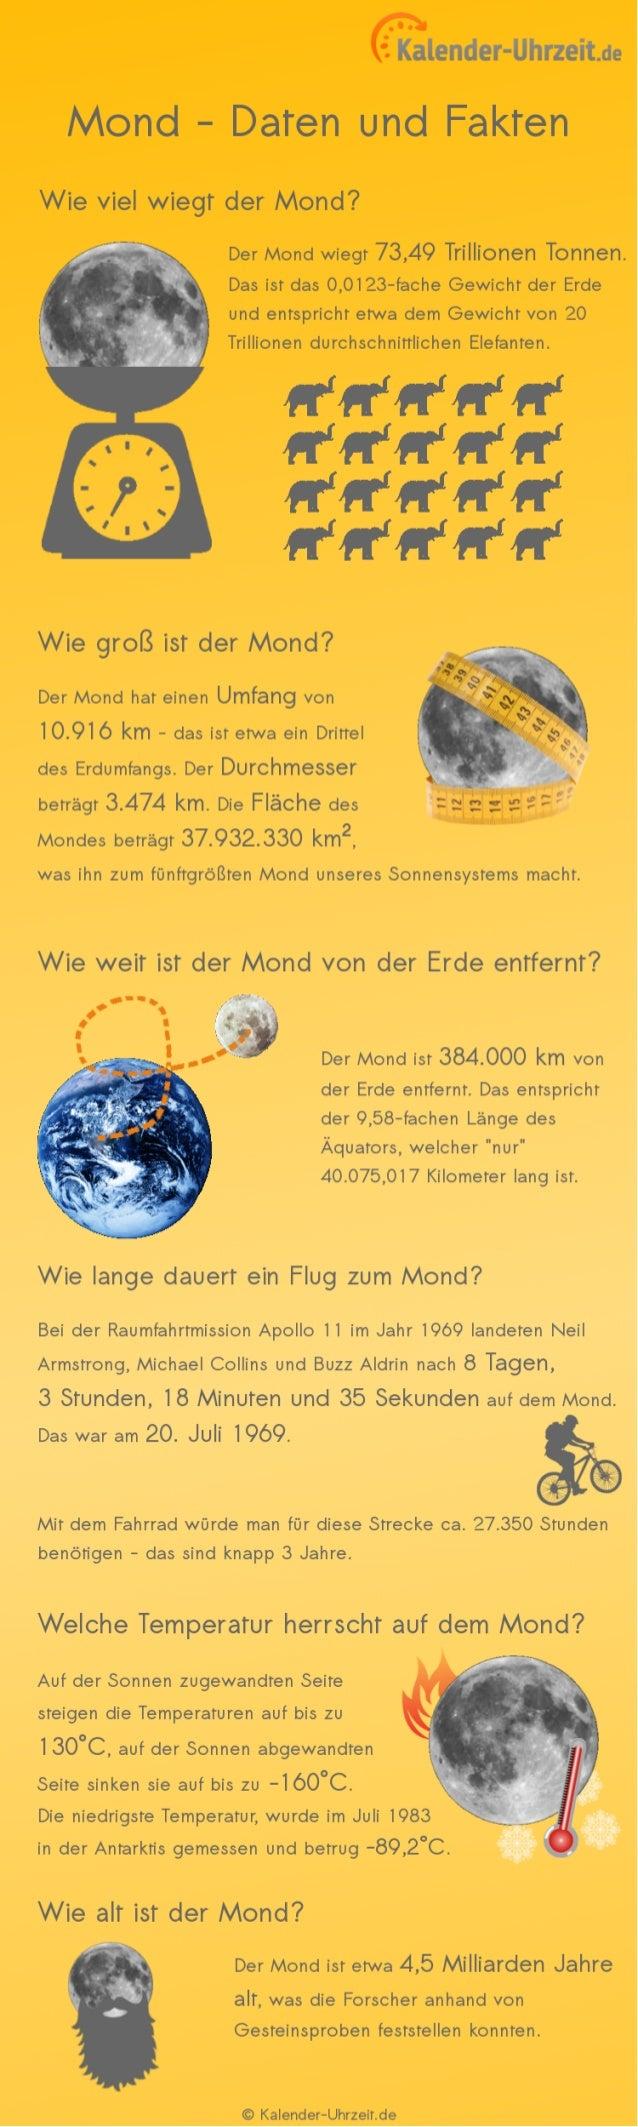 """Infografik """"Mond in Zahlen und Fakten"""""""